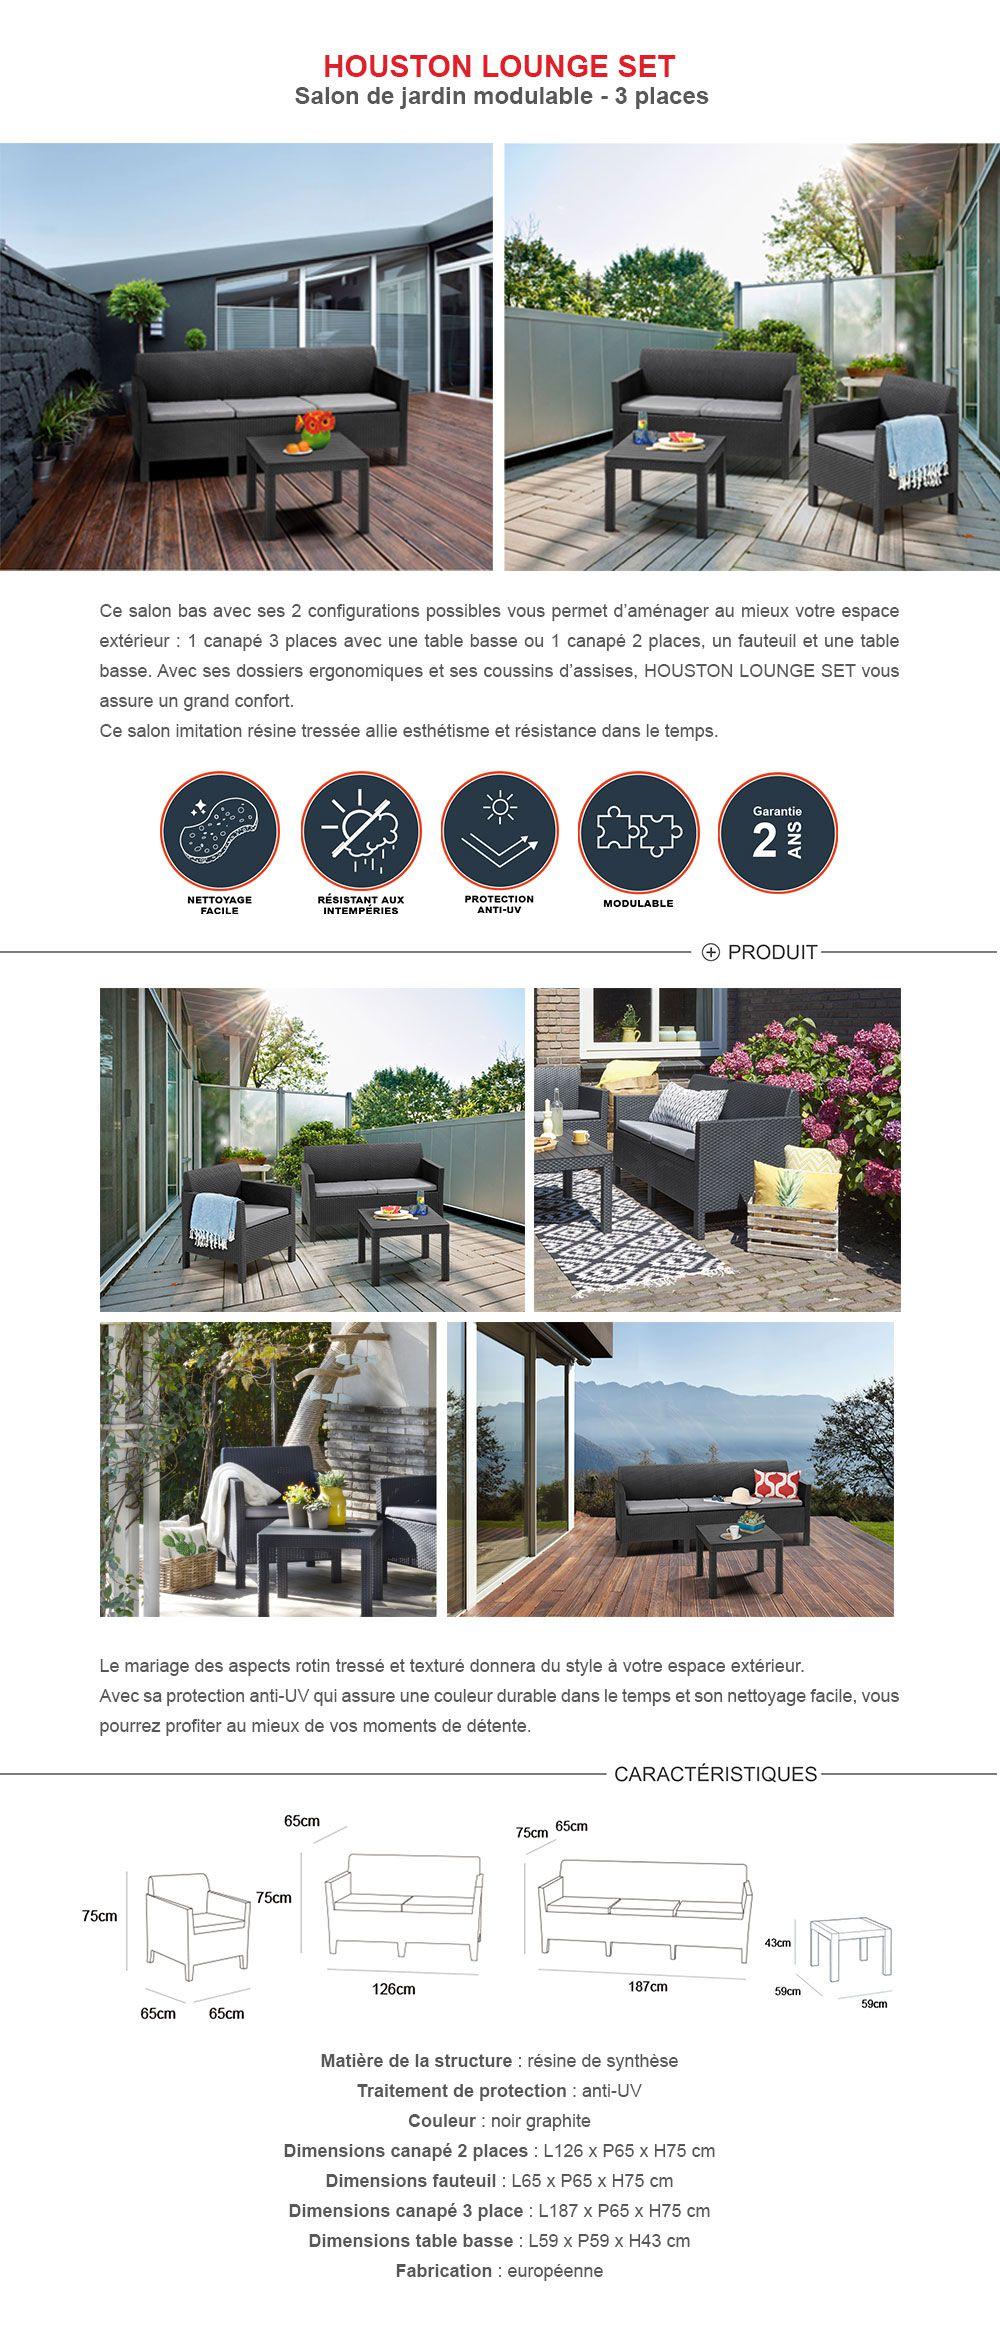 Lounge Fauteuil Houston.Allibert Salon De Jardin Houston 3 Places Modulable Avec